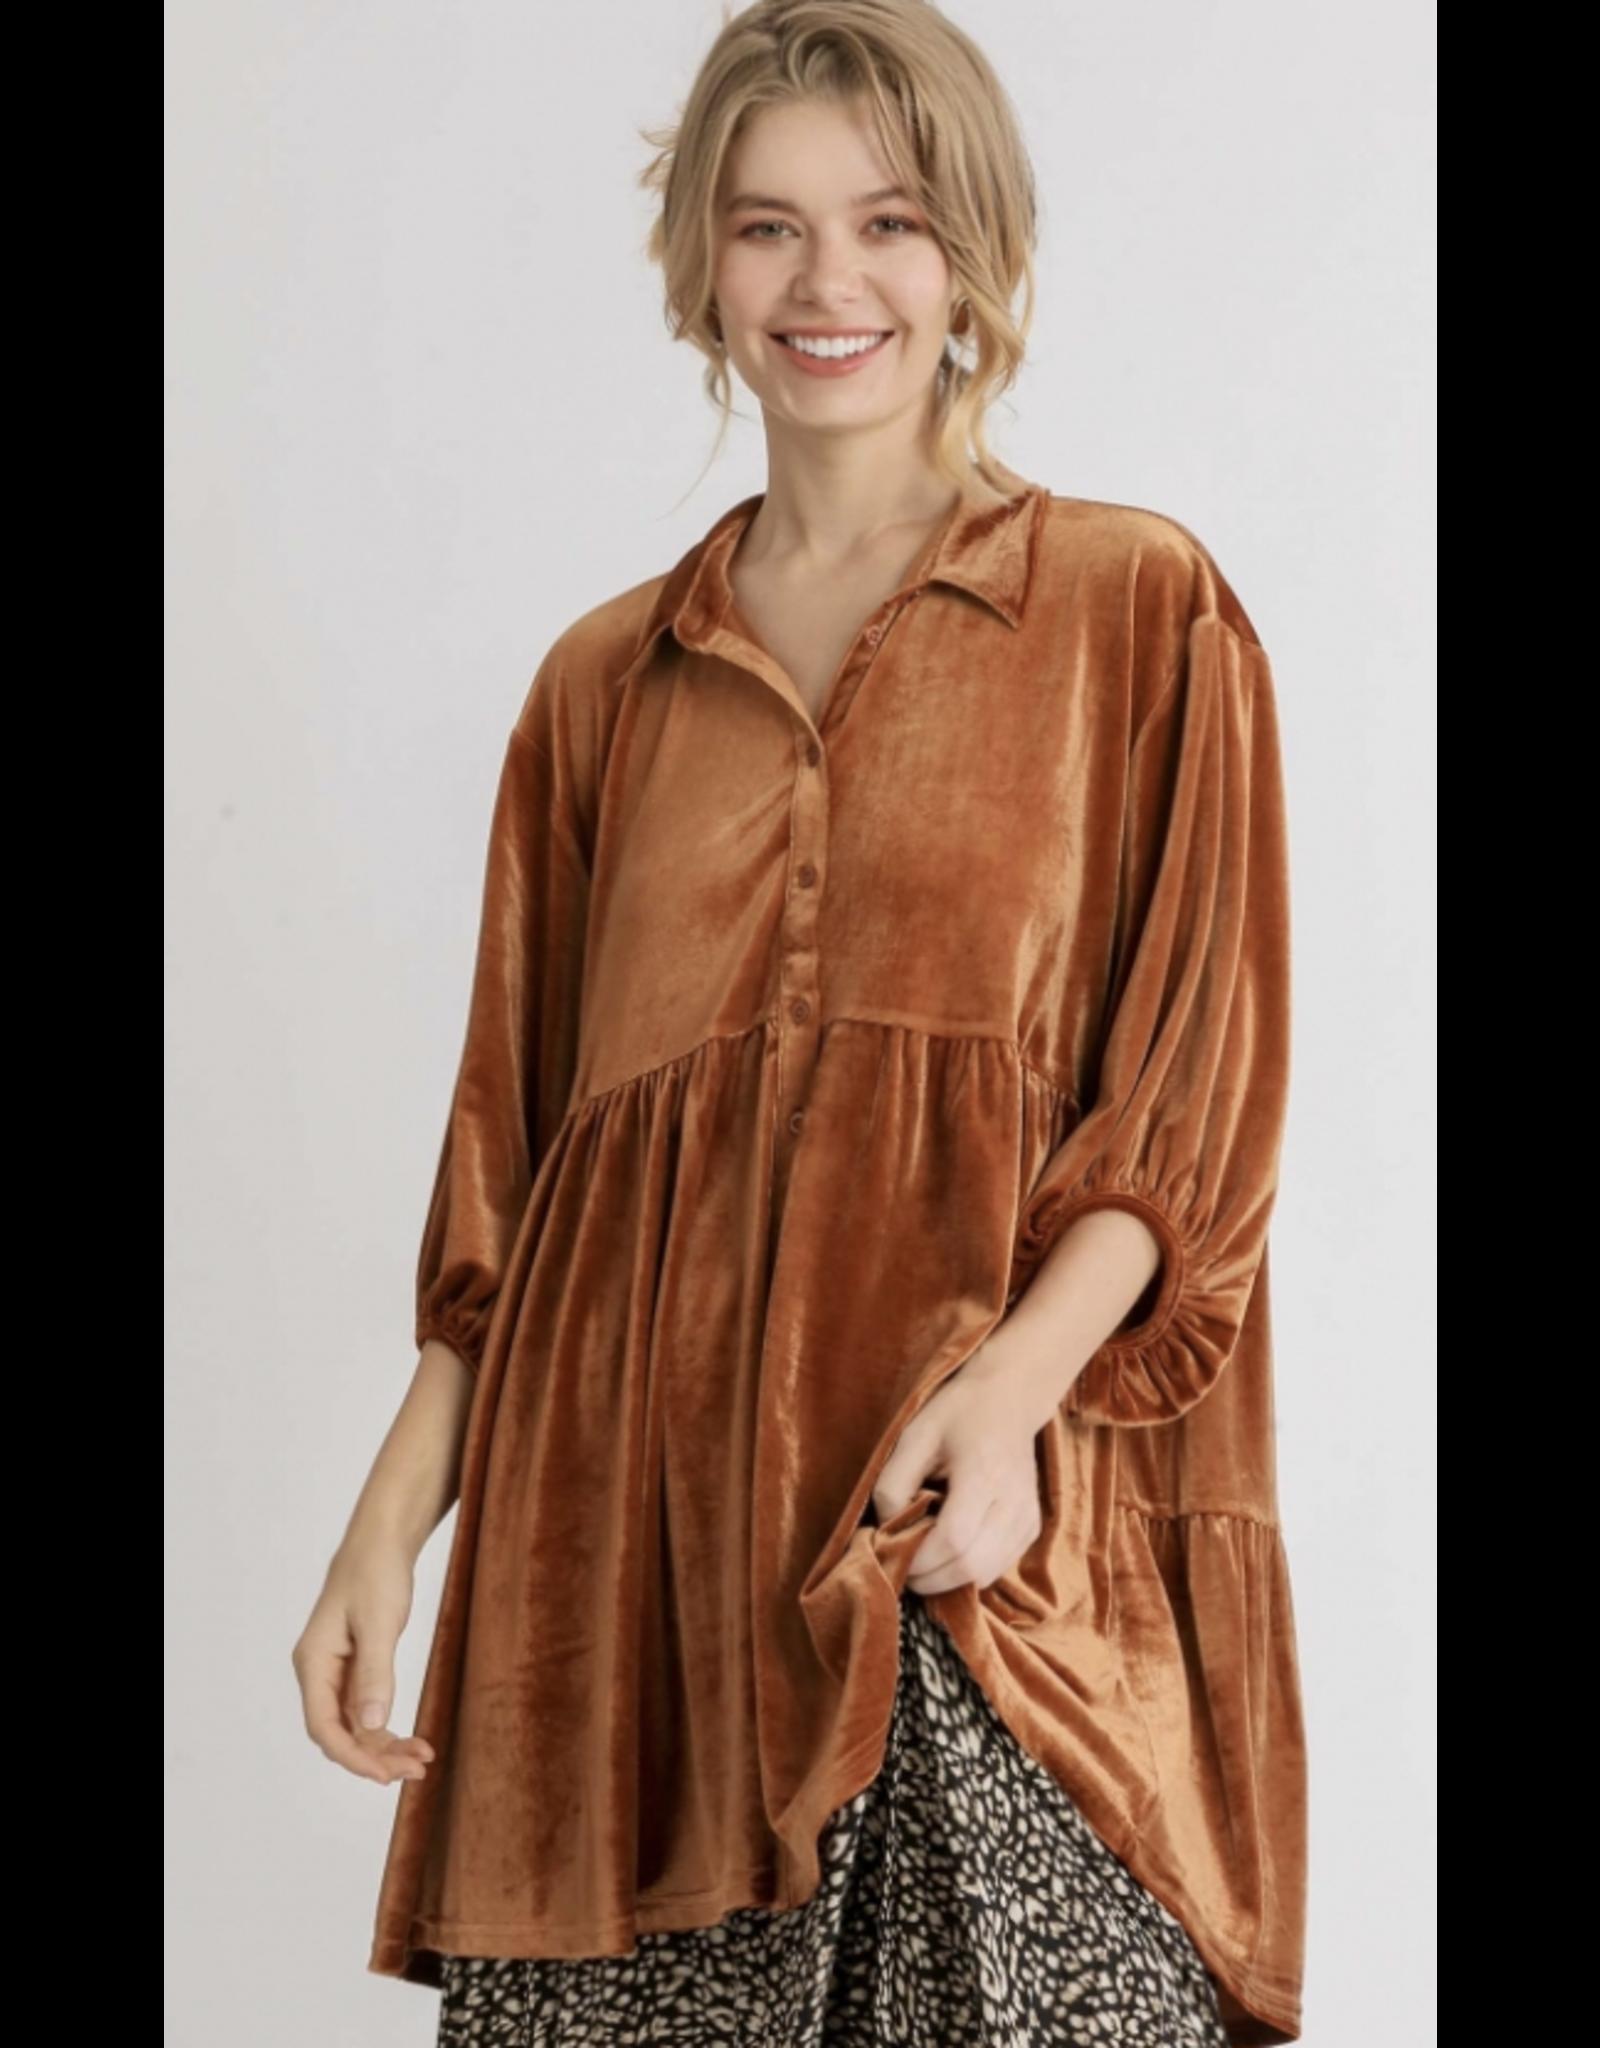 Velvet 3/4 Sleeve Tunic Dress